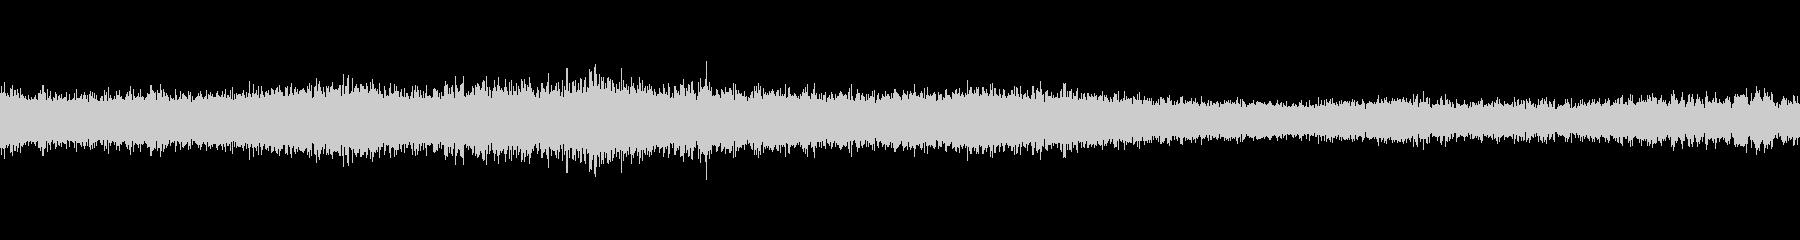 車の走行音2(ドイツ)の未再生の波形